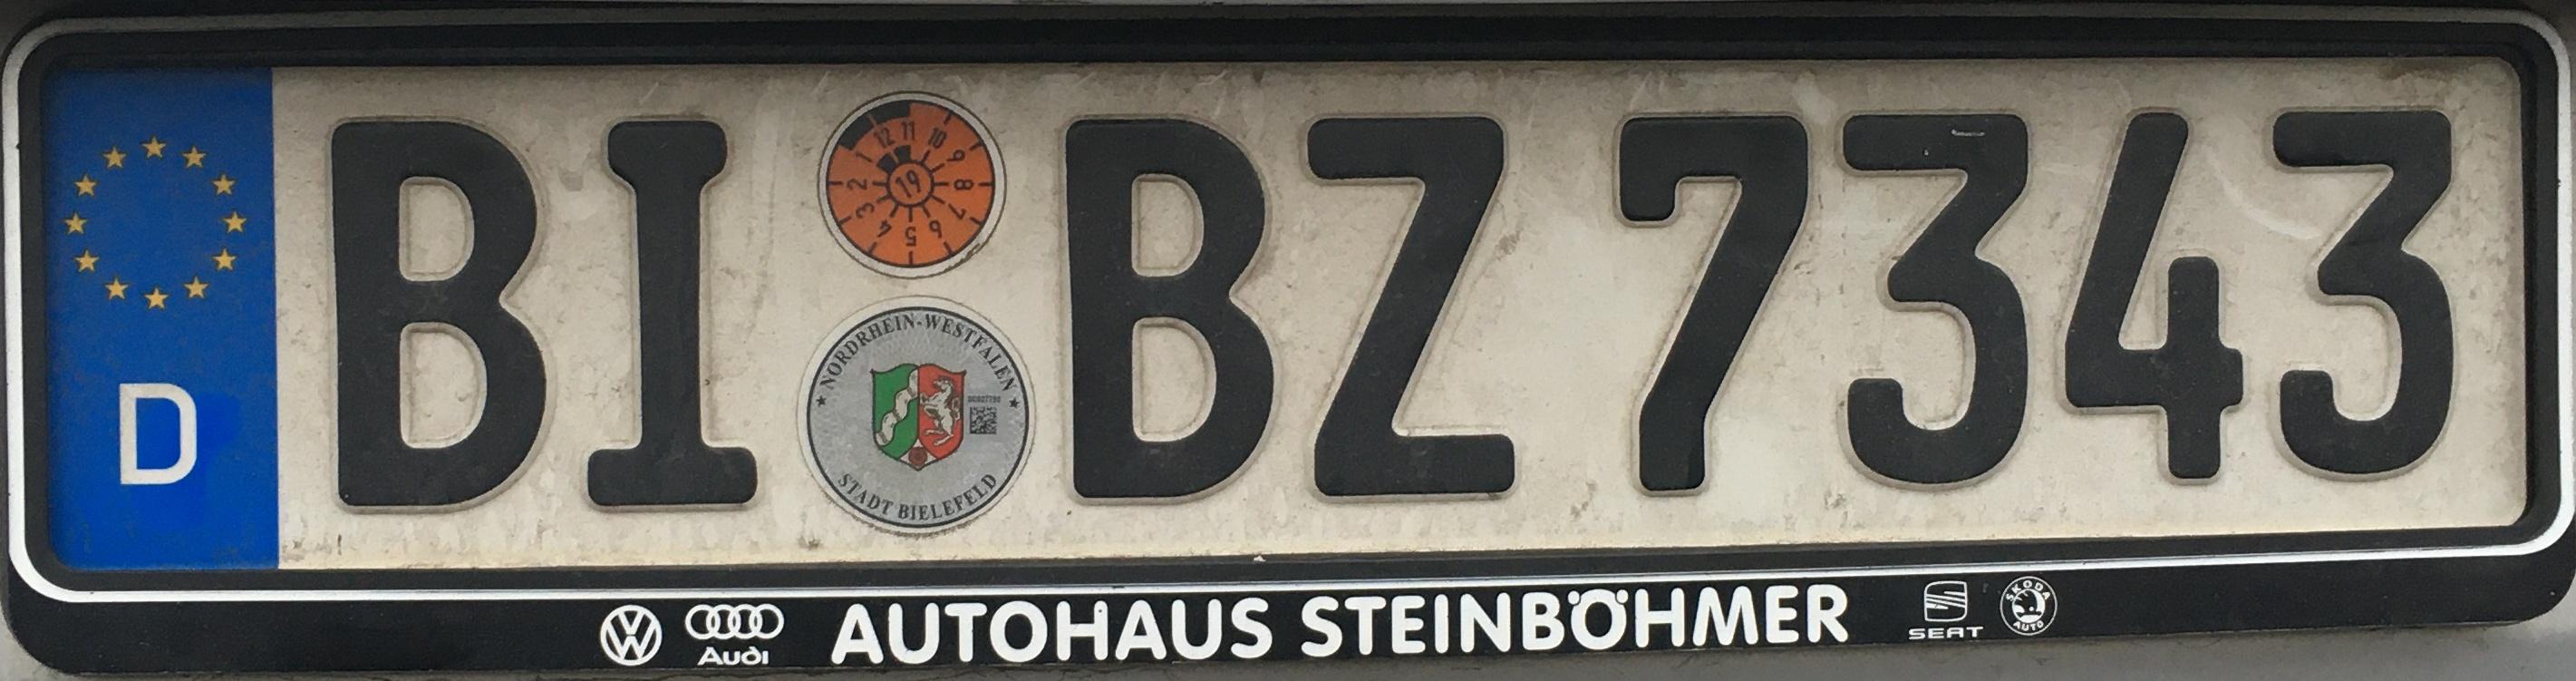 Registrační značky Německo - BI - Bielefeld, foto: www.podalnici.cz